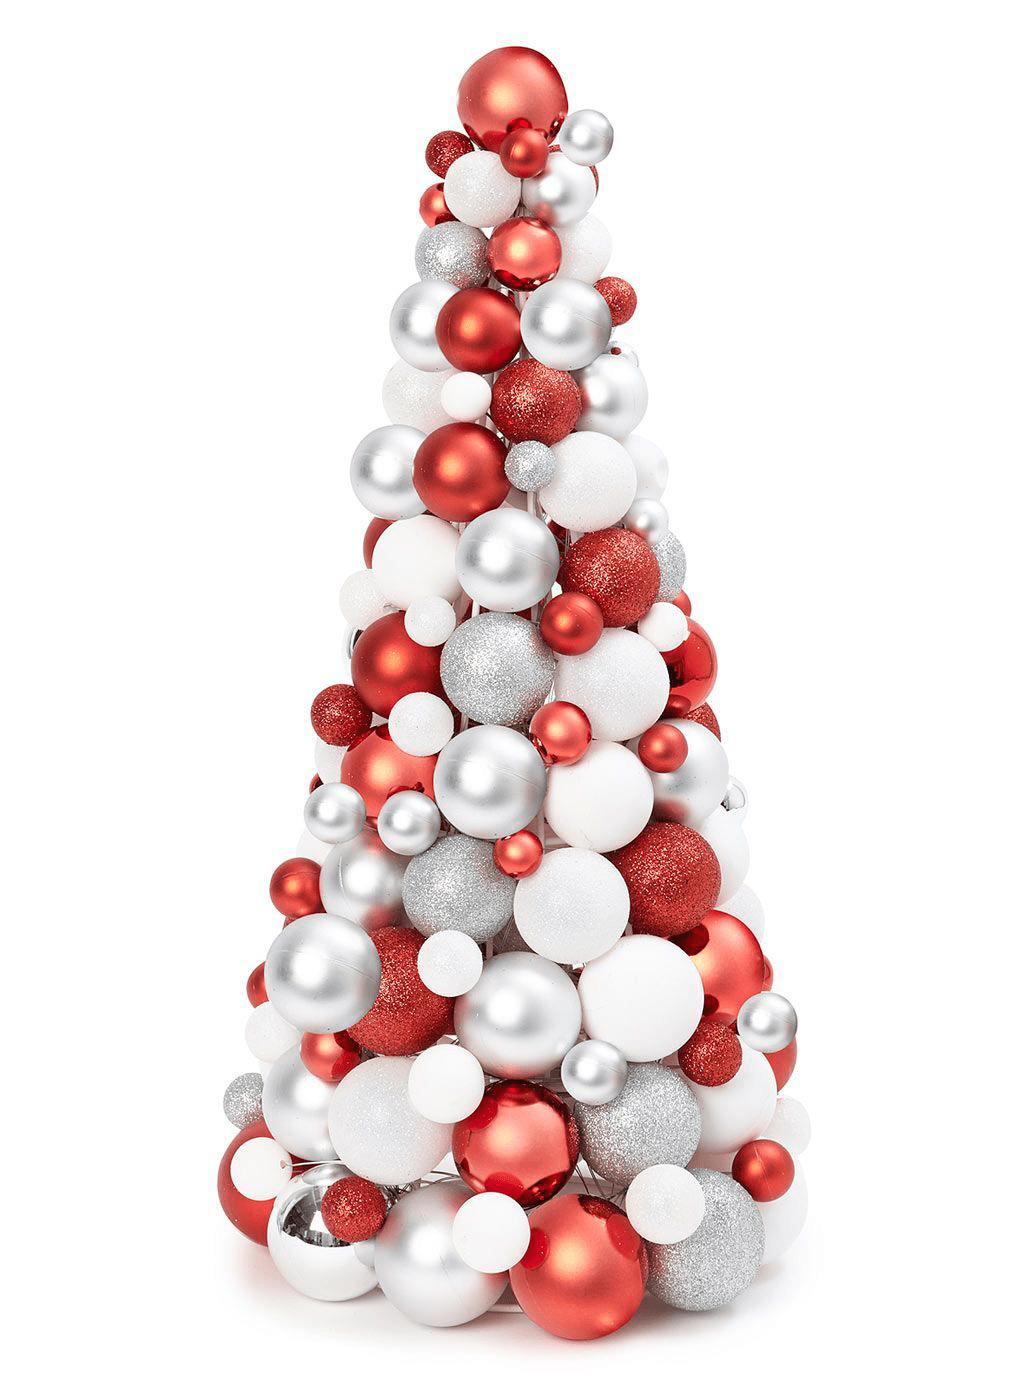 Мастер-класс по созданию елочки: простая инструкция, как сделать новогоднюю елку своими руками (100 фото лучших идей)